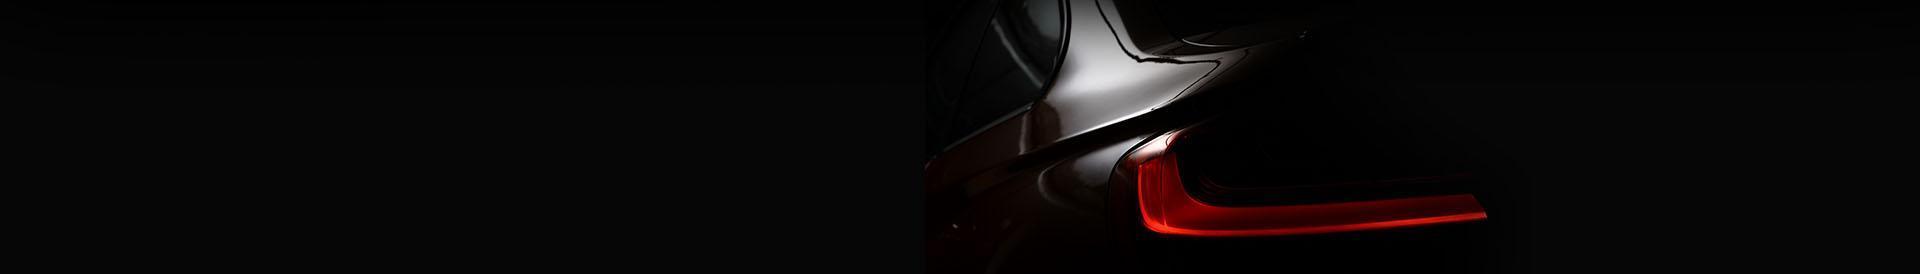 Tylna lampa samochodu w ciemności